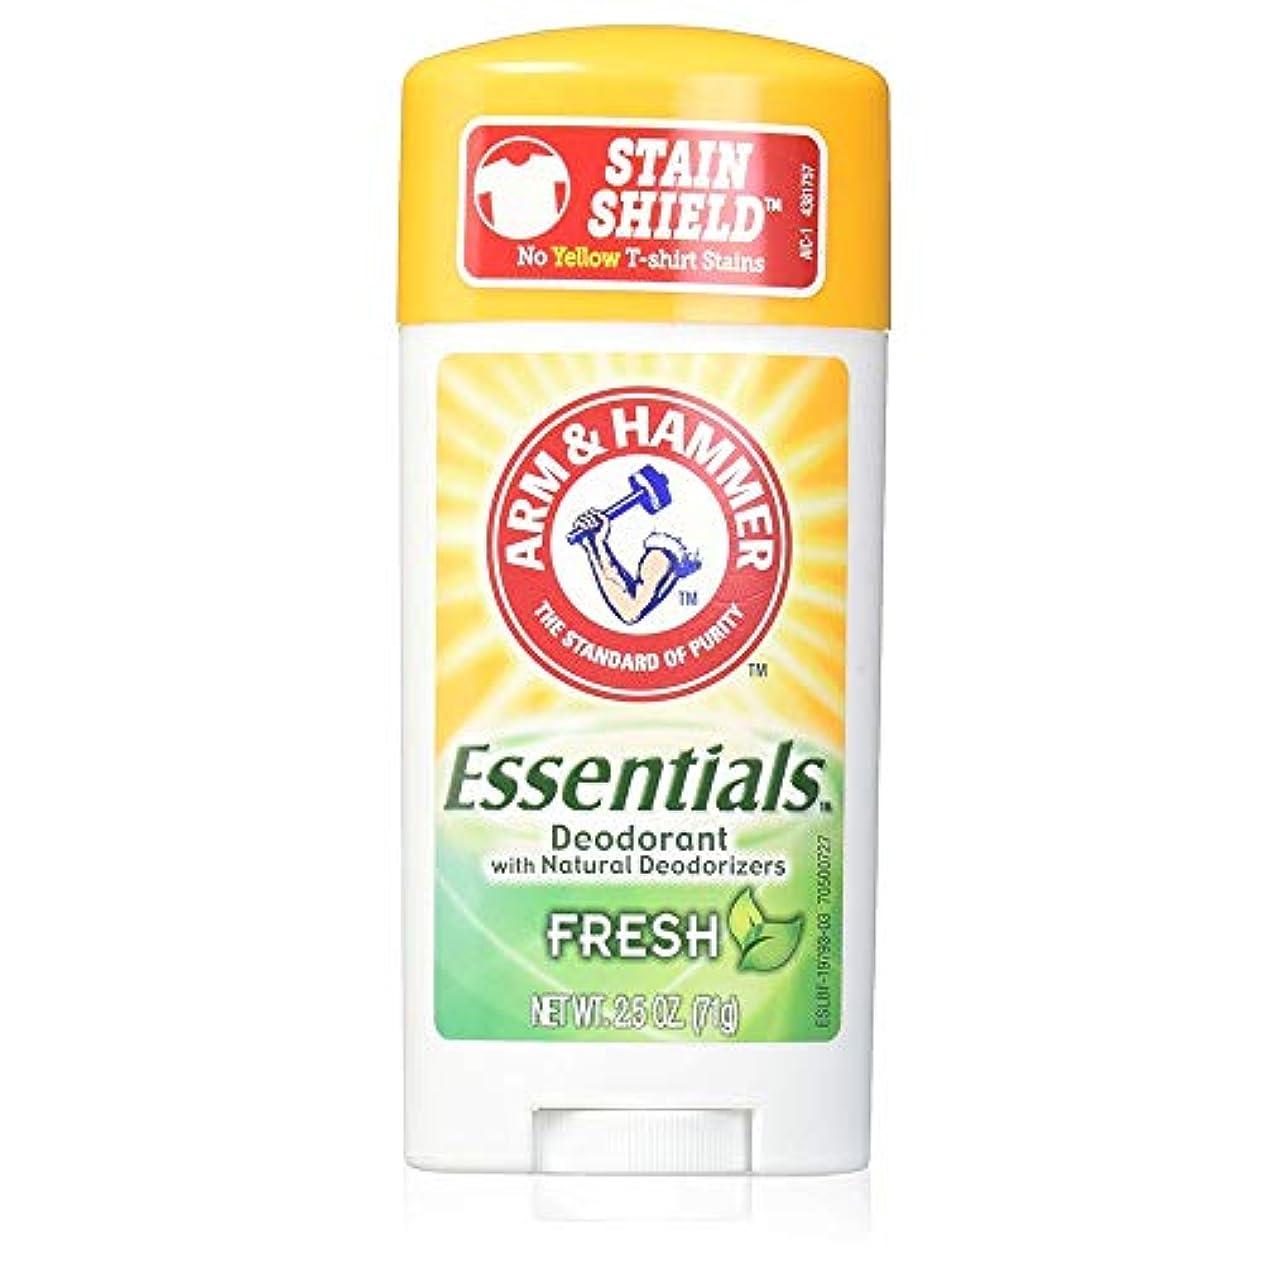 ネズミ飲料群がるアーム&ハマー デオドラント【フレッシュ】制汗剤【お風呂上がりの香り】Arm & Hammer Essentials Natural Deodorant Fresh 71?[並行輸入品]